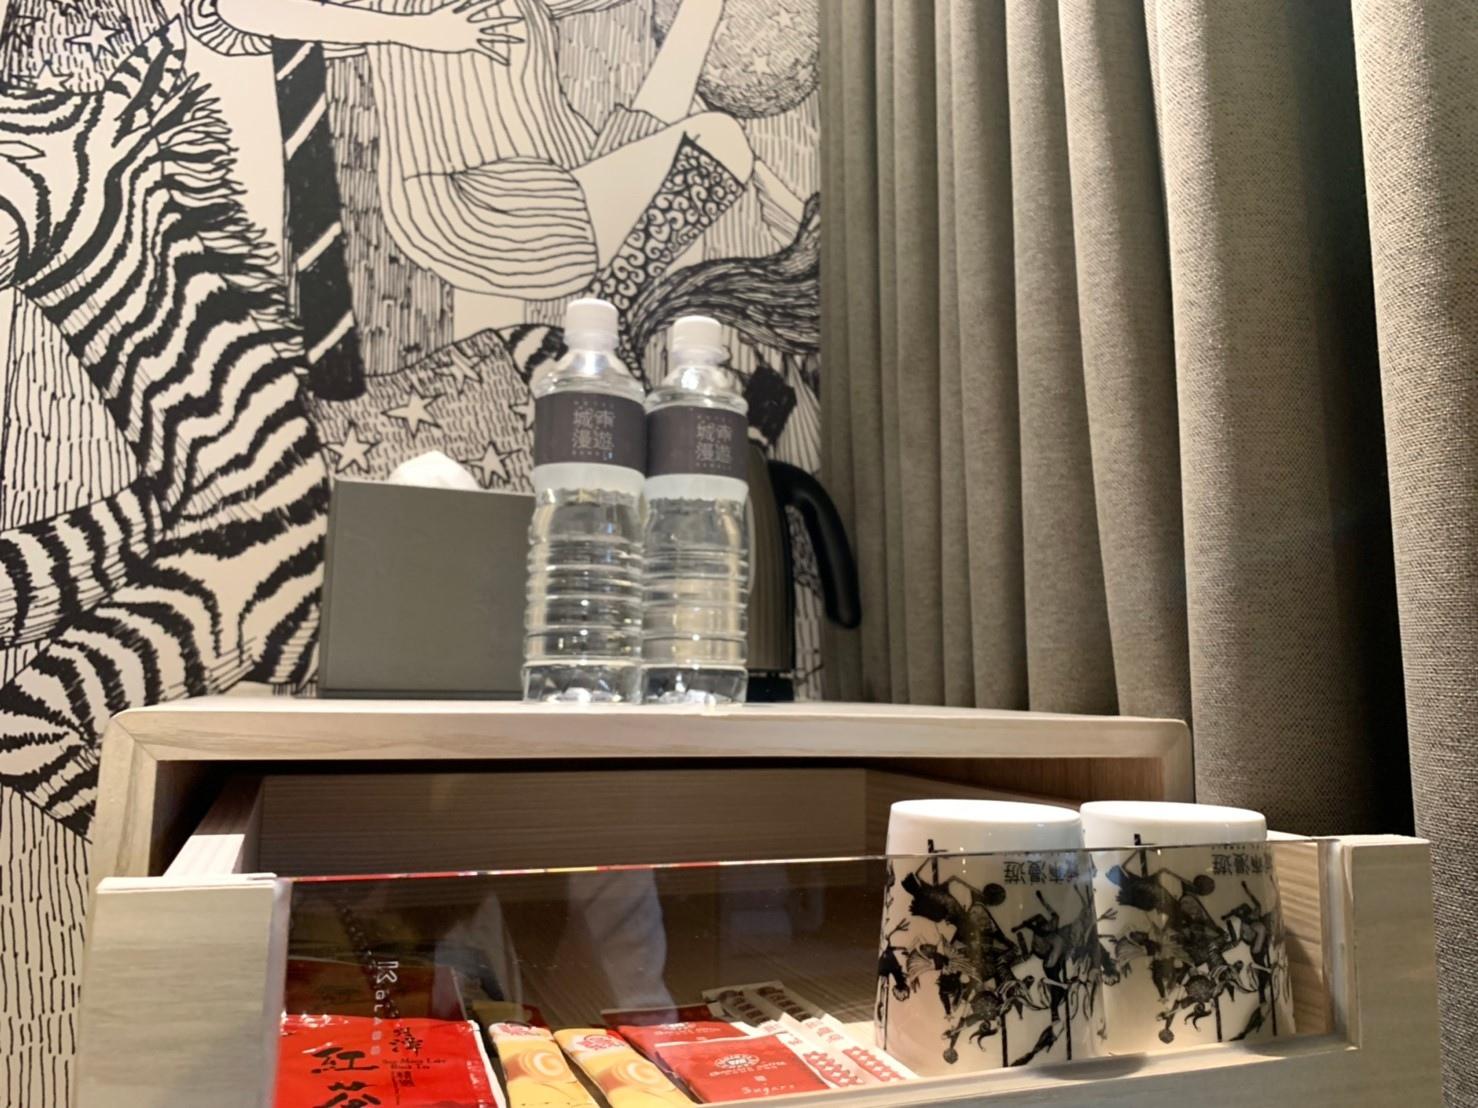 【台中北屯區】城市漫遊行旅│2019年9月全新開幕!強烈插畫風格及色調簡單舒適,療癒旅人身心靈並期待暢遊其中~